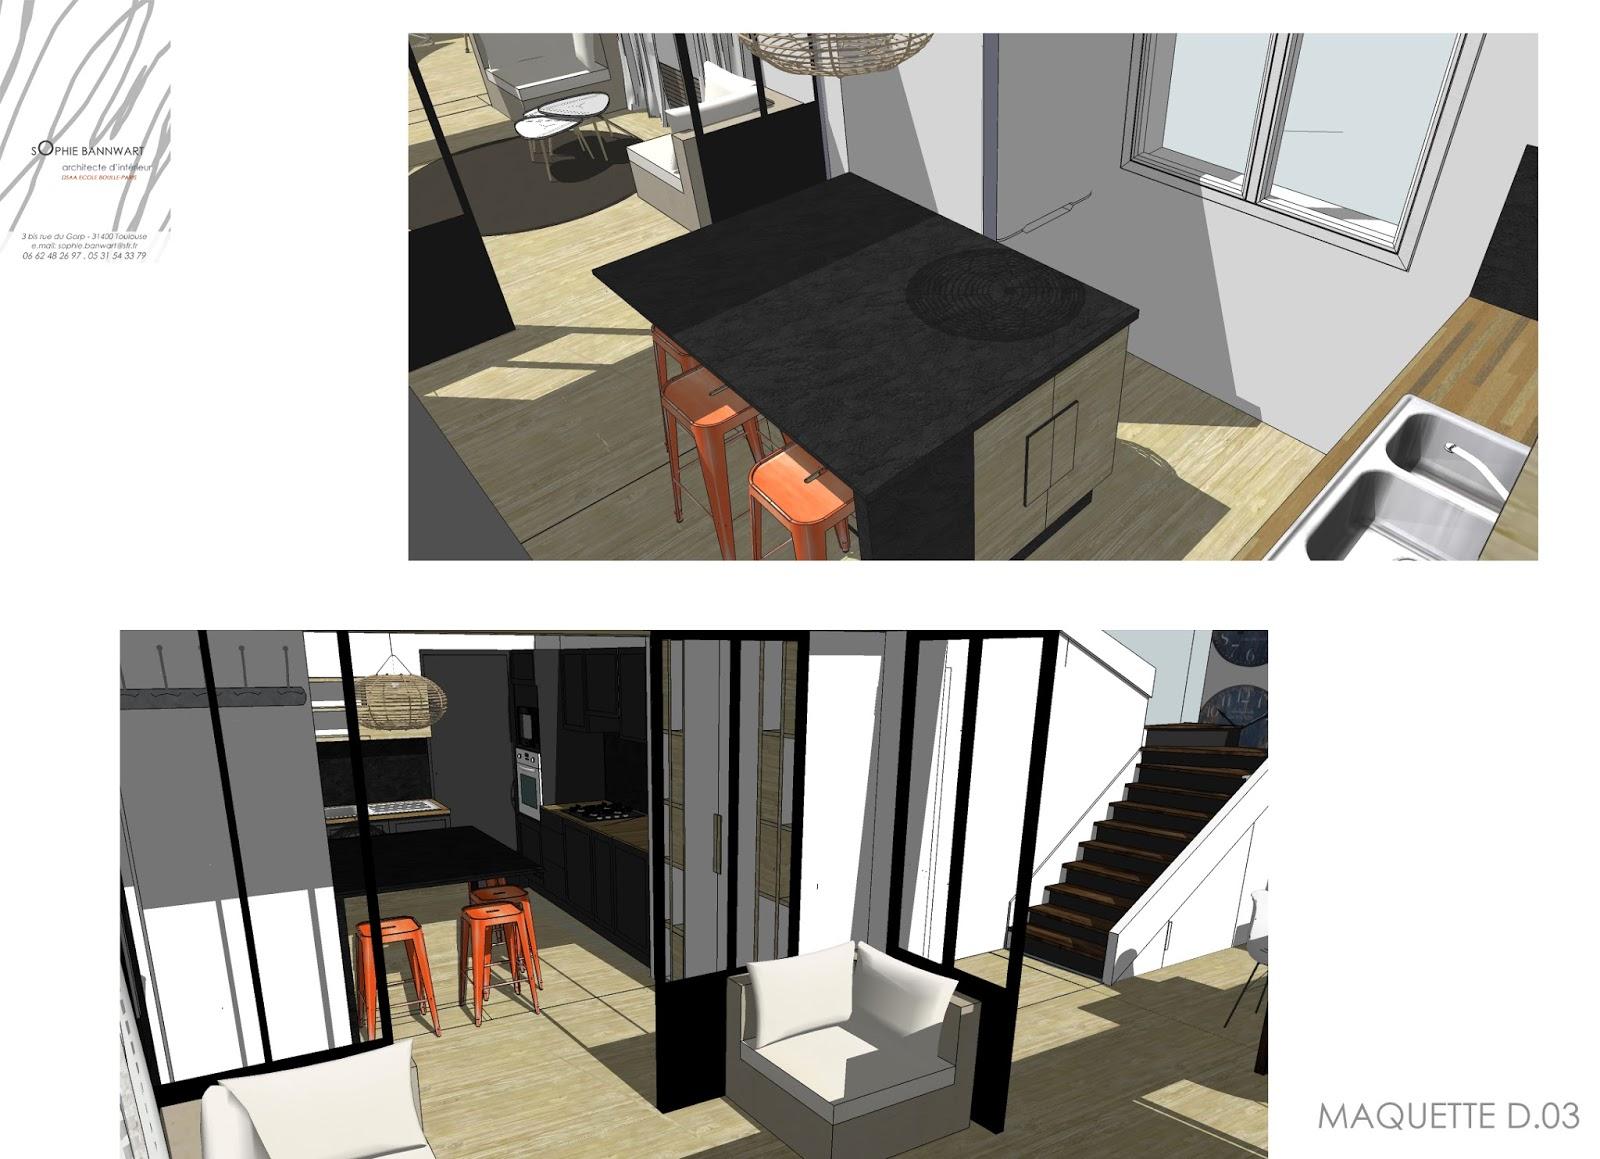 Sophie bannwart architecte d 39 int rieur for Architecte d interieur france 5